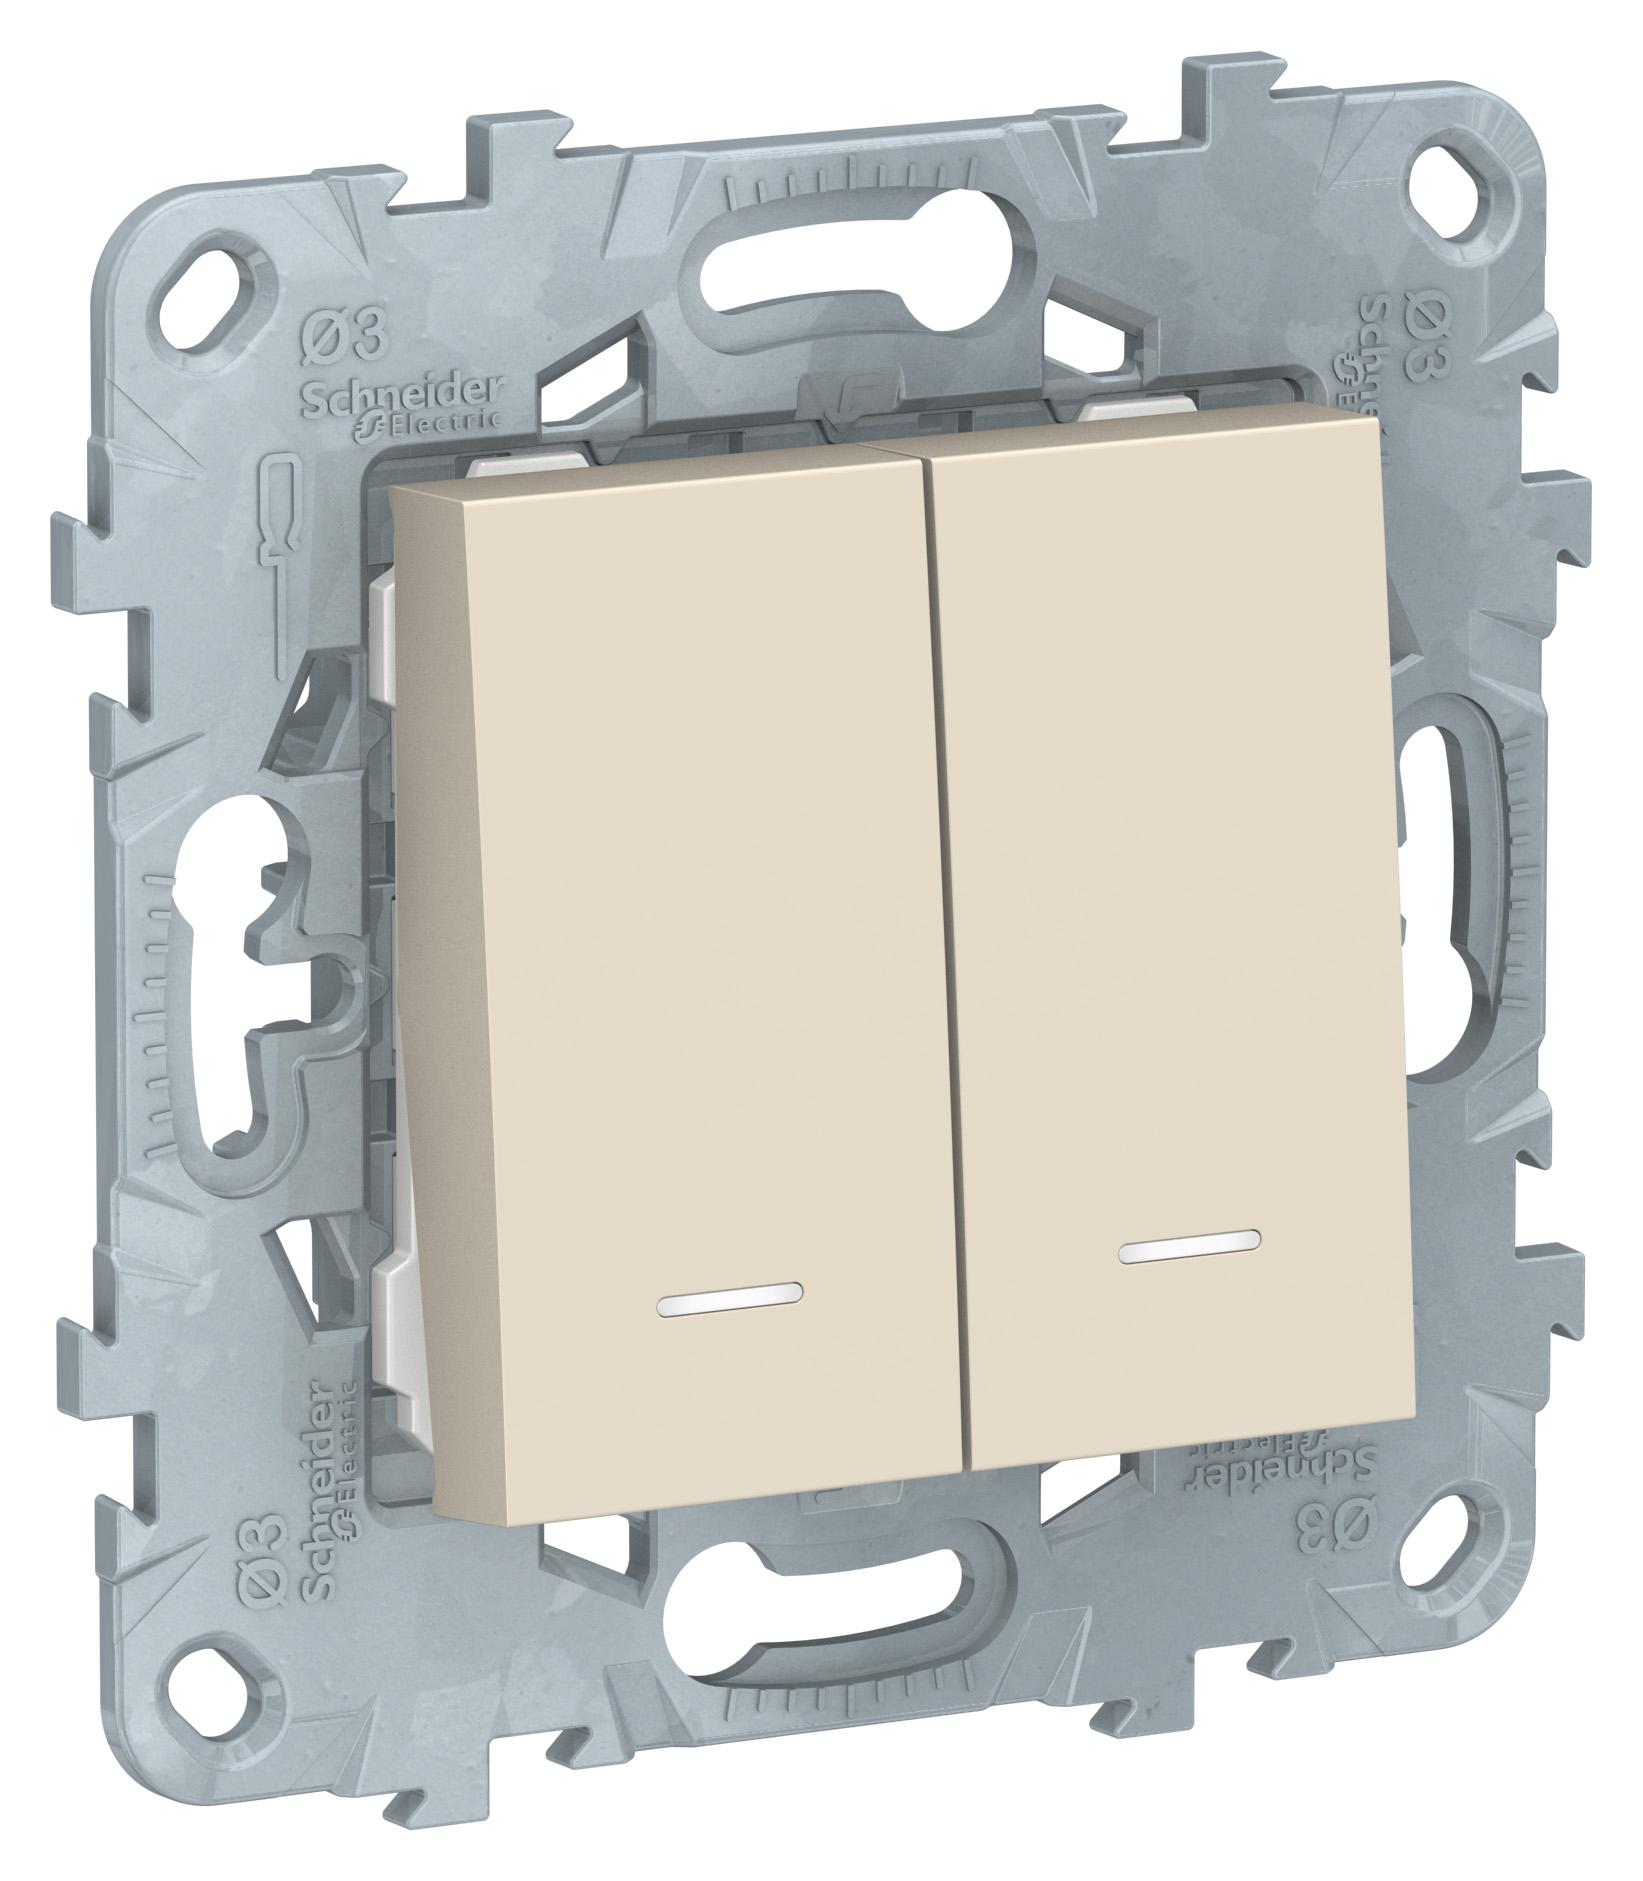 Переключатель Schneider electric Nu521344n